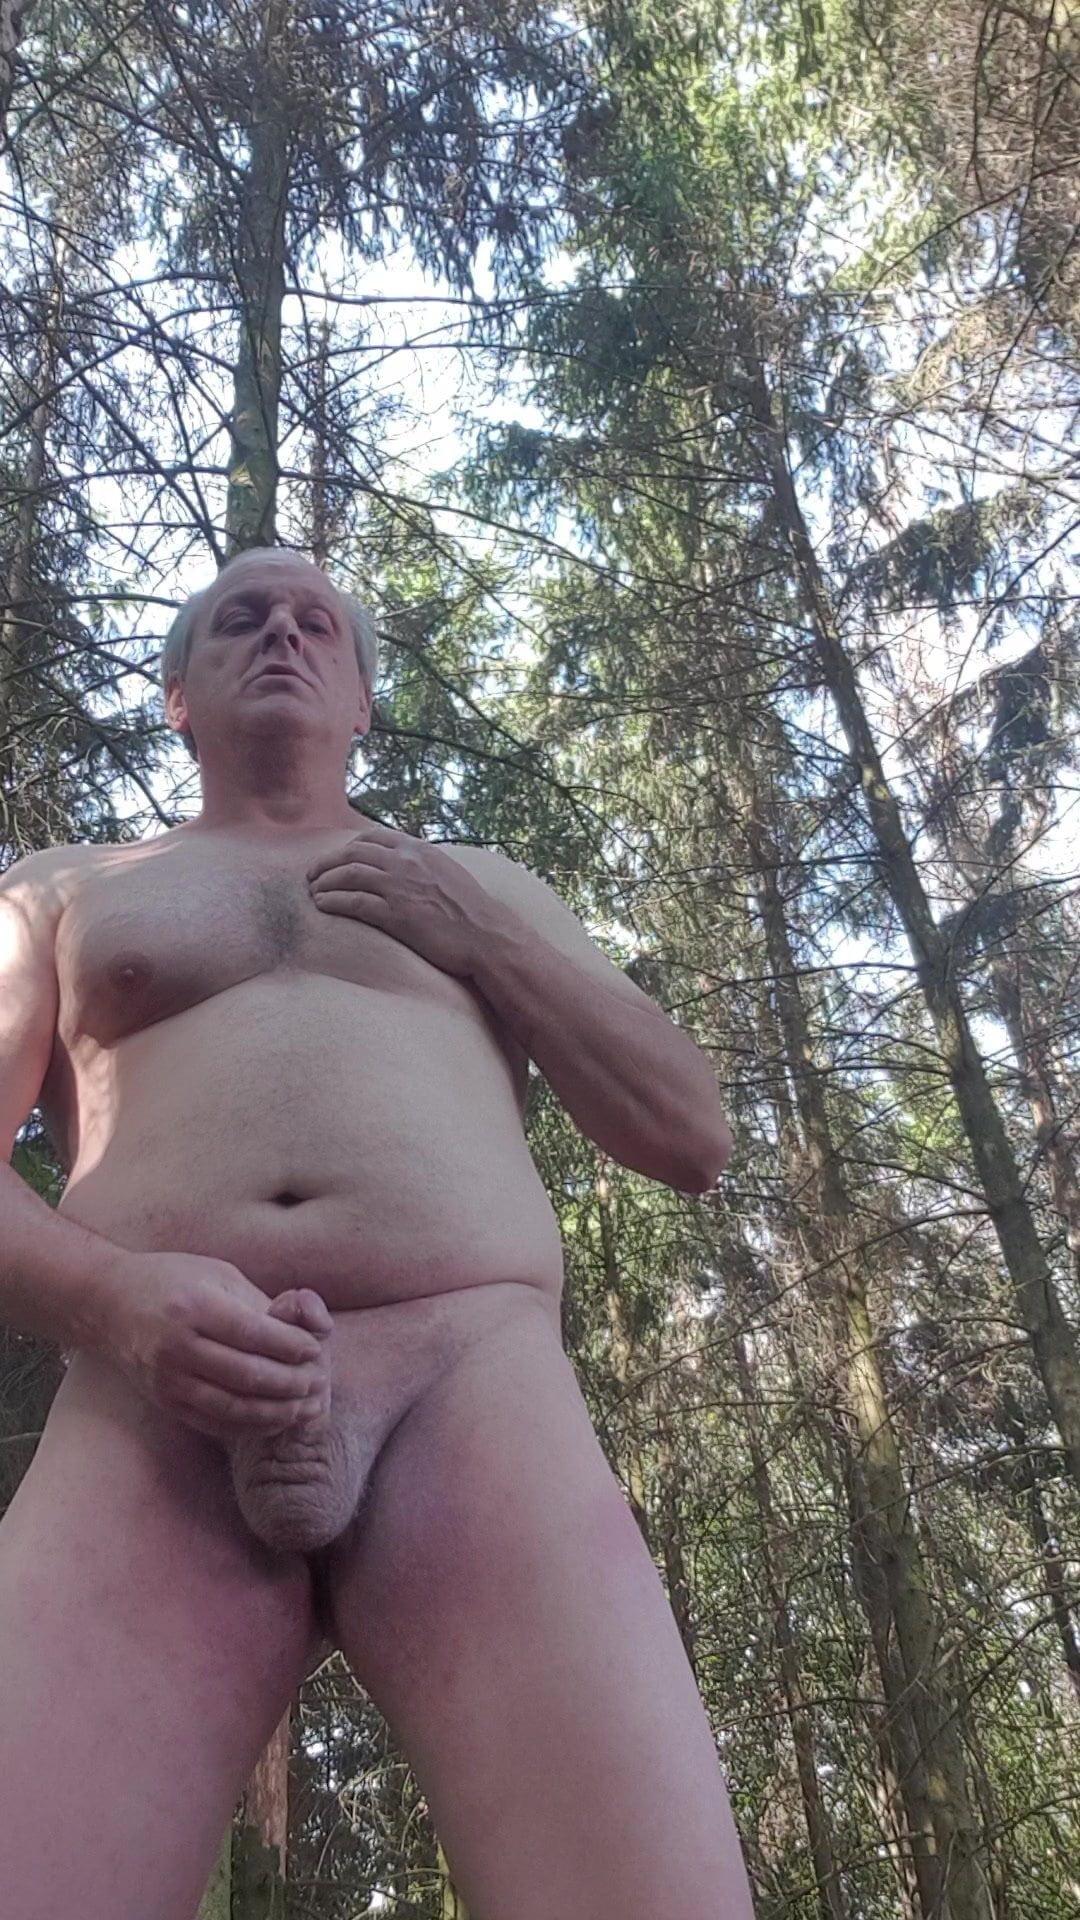 outdoor nackt schwanz